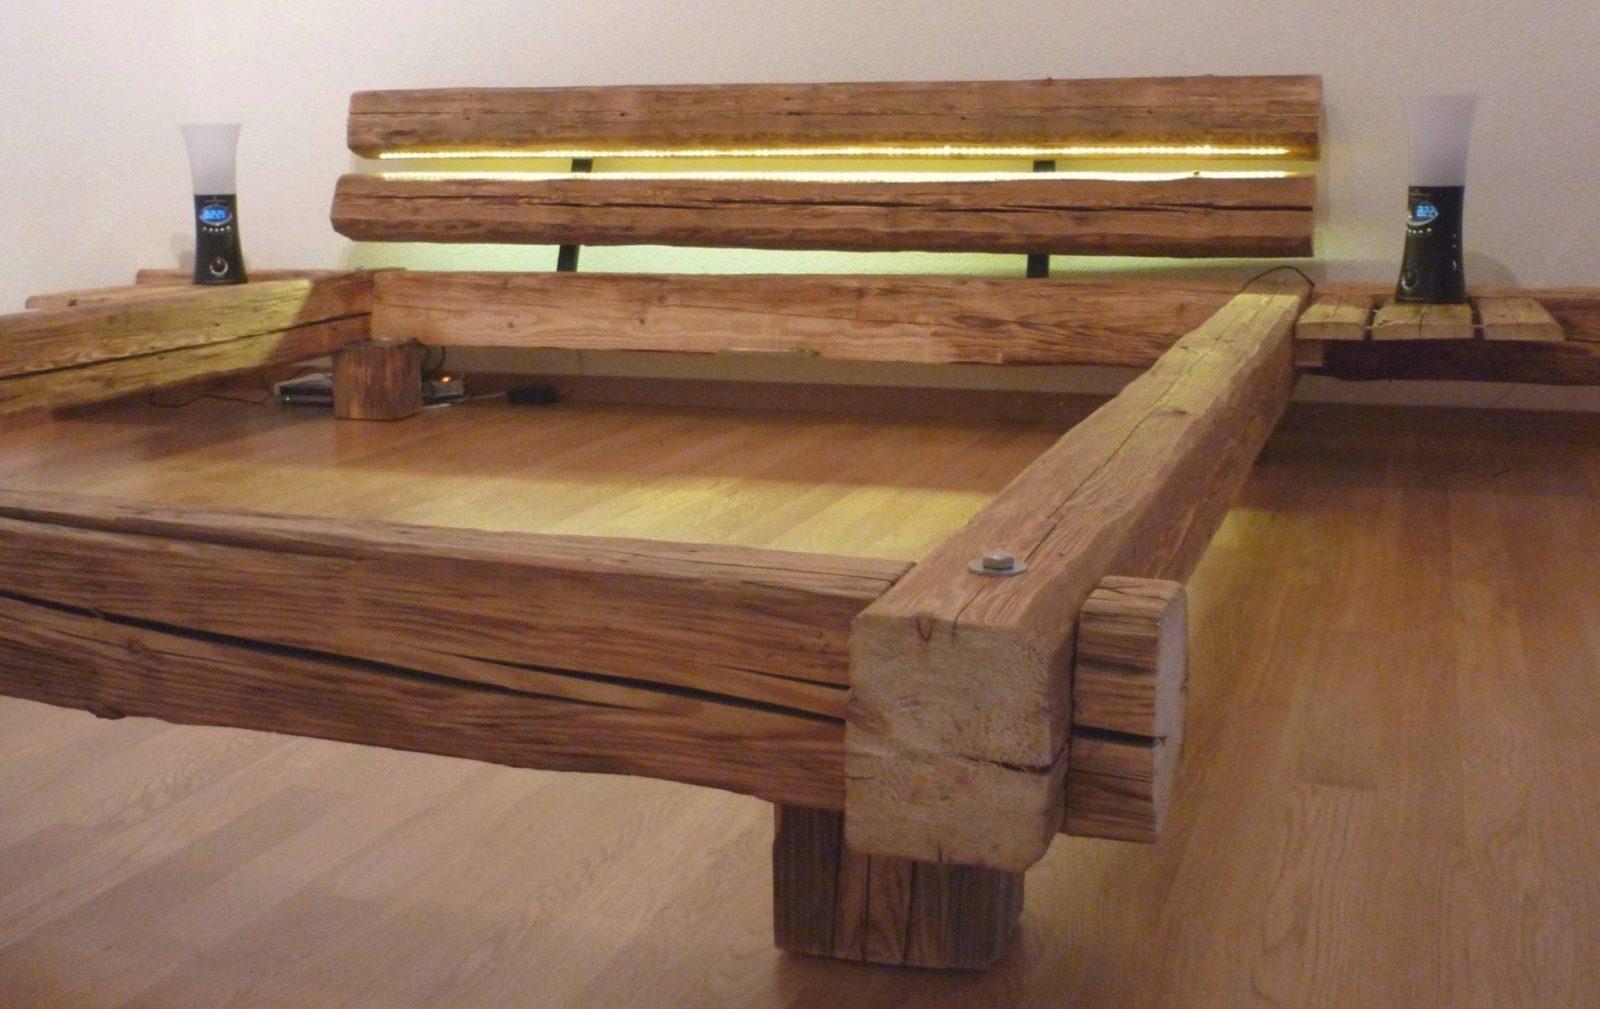 Holz Bett Selber Bauen Mit Neueste Holzbett Selber Bauen Labandcraft von Rustikales Bett Selber Bauen Photo